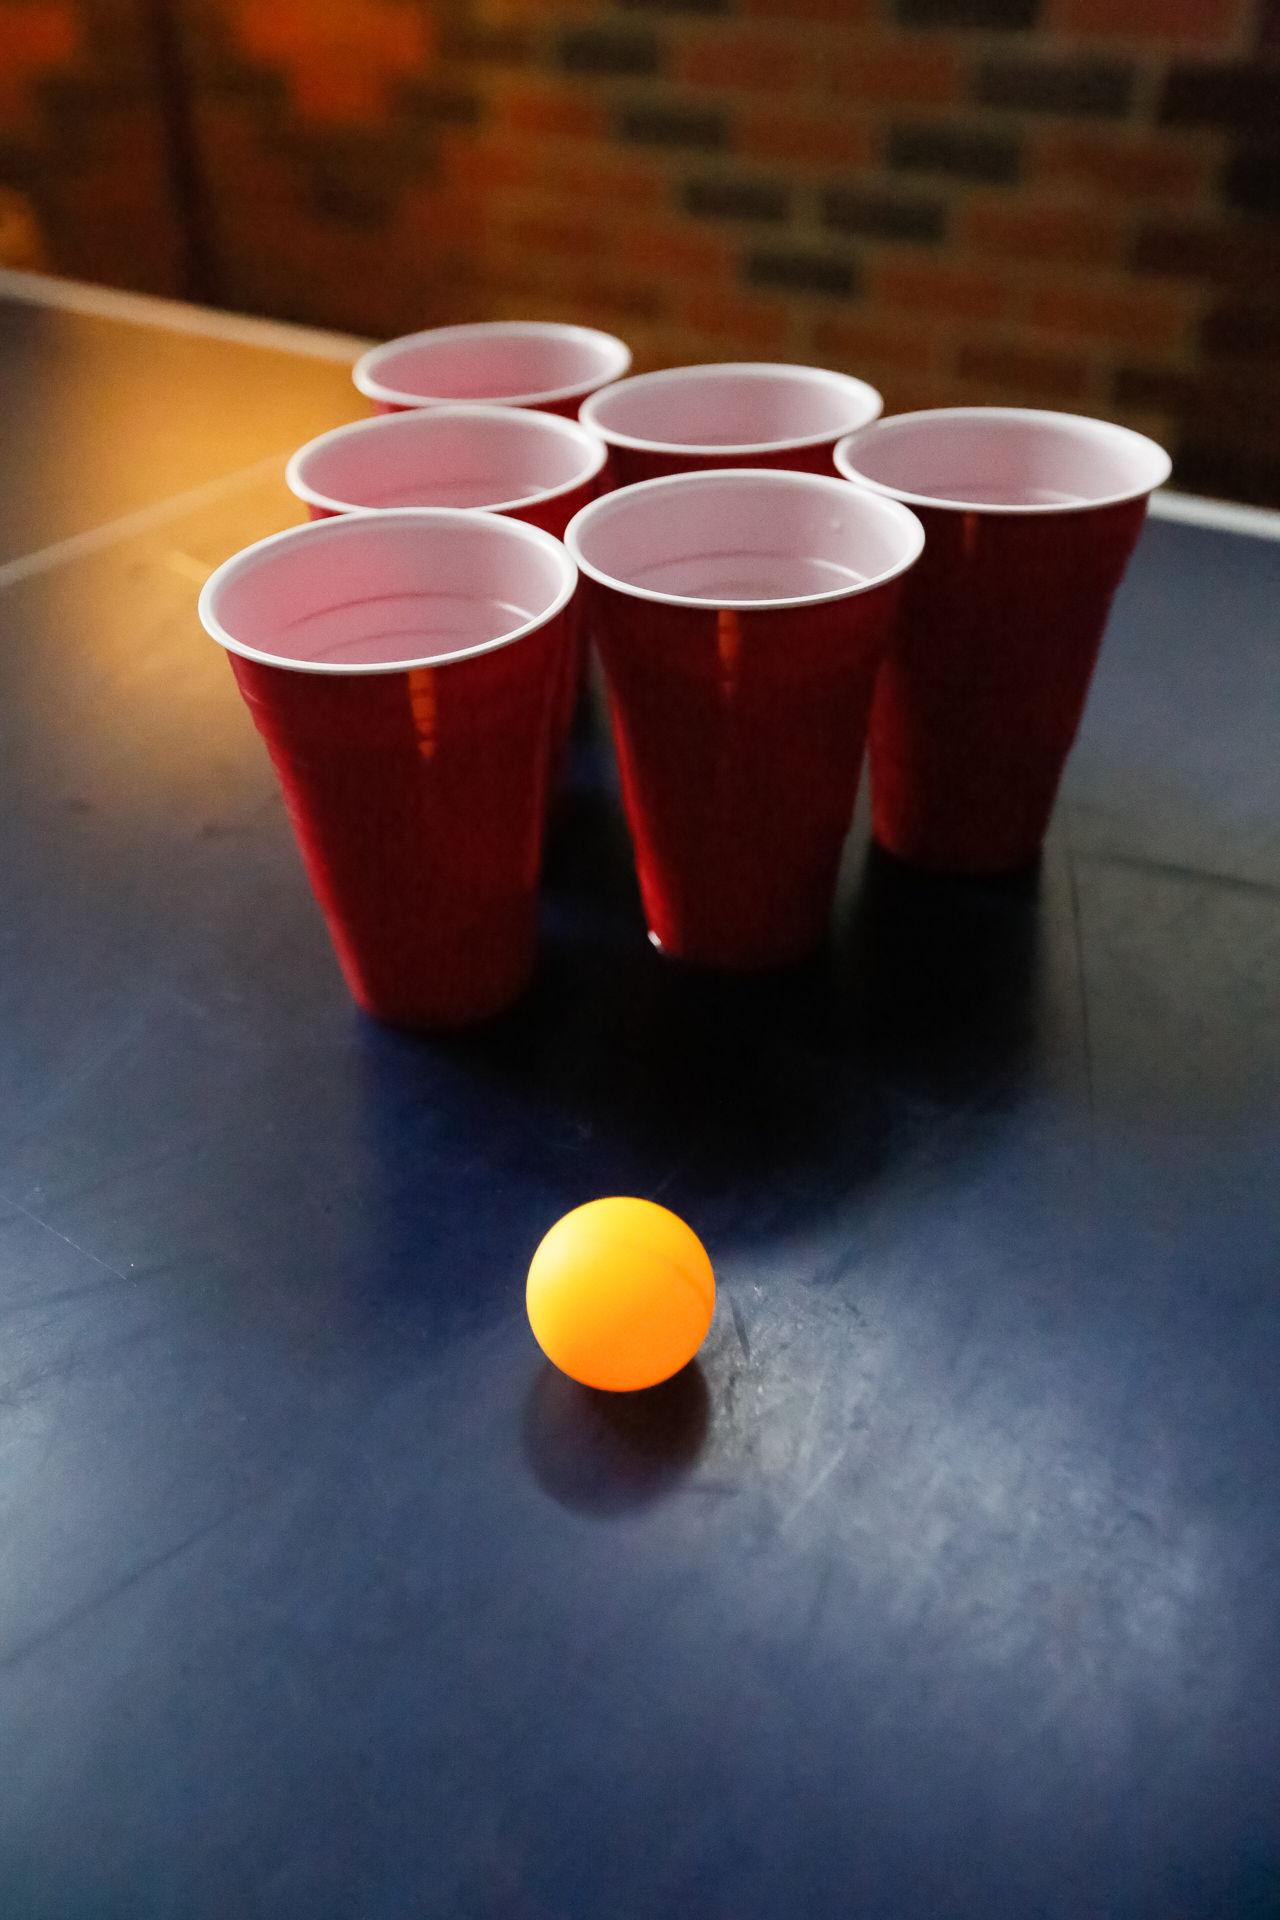 1280-497685140-beer-pong-game.jpg